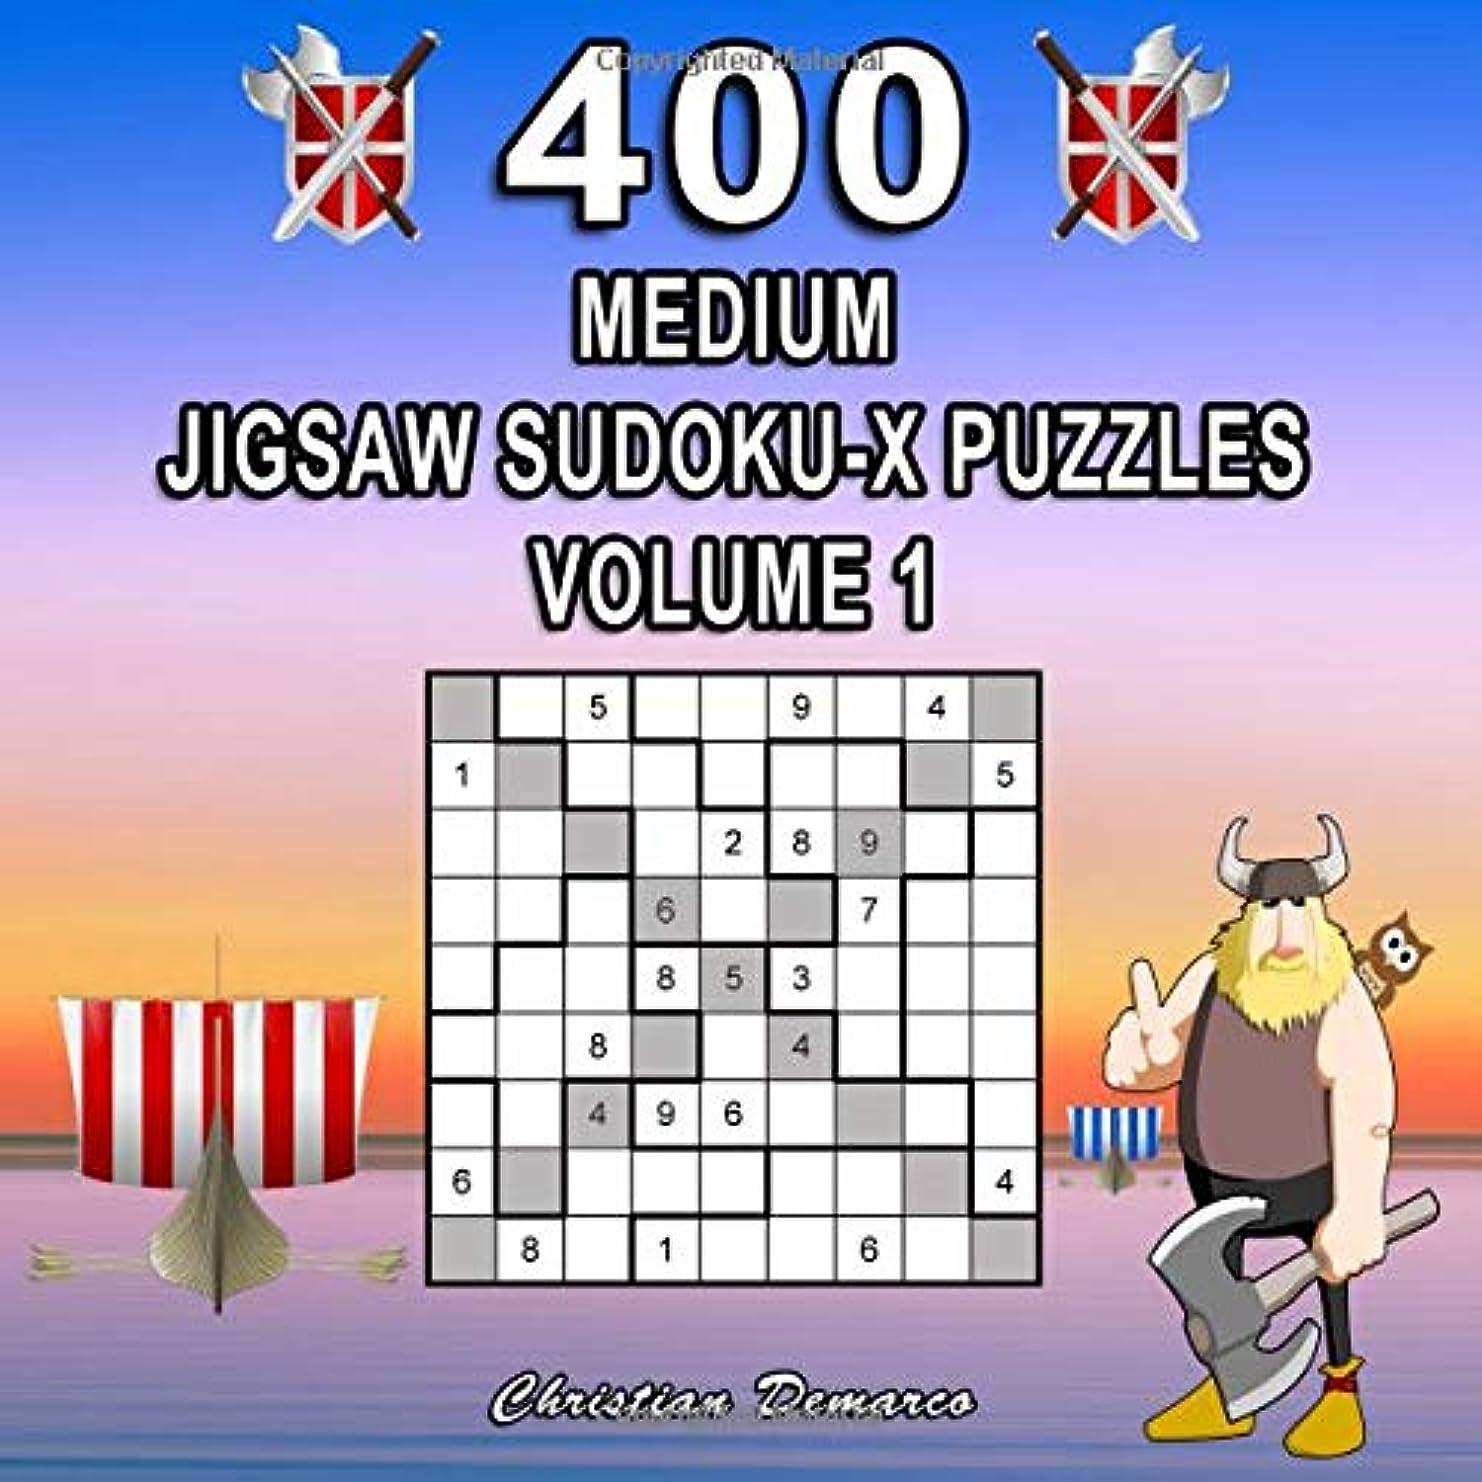 ピクニック広大な招待400 Medium Jigsaw Sudoku-X Puzzles Volume 1: Extra Large Book Layout - Only 4 Puzzles per Page